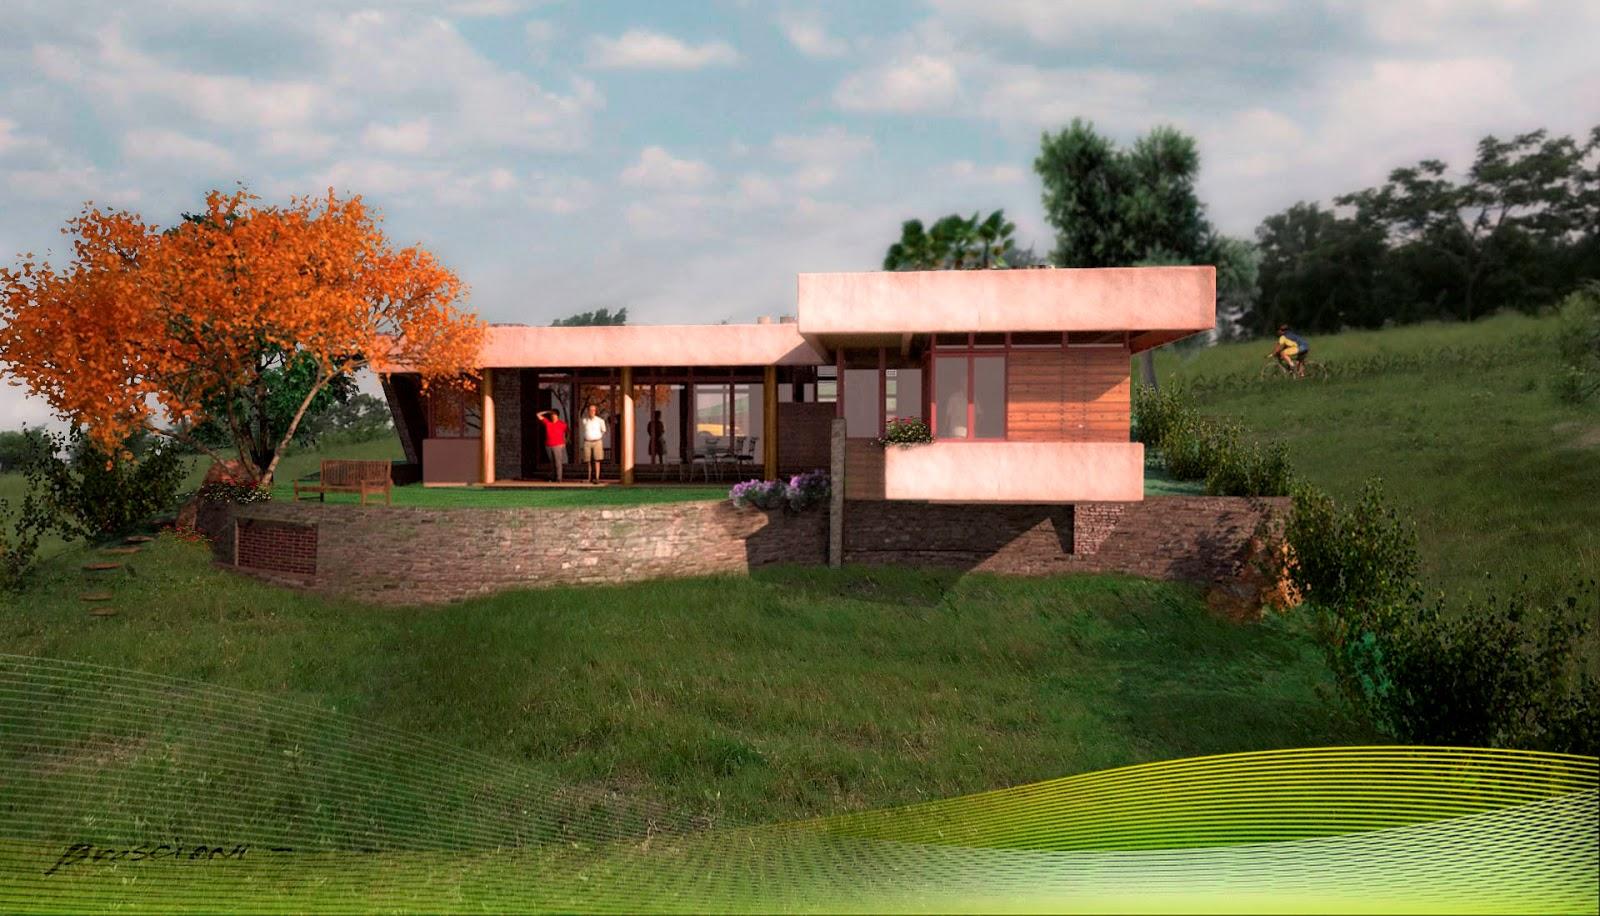 Bresciani proyectos octubre 2013 for Modelos de patios